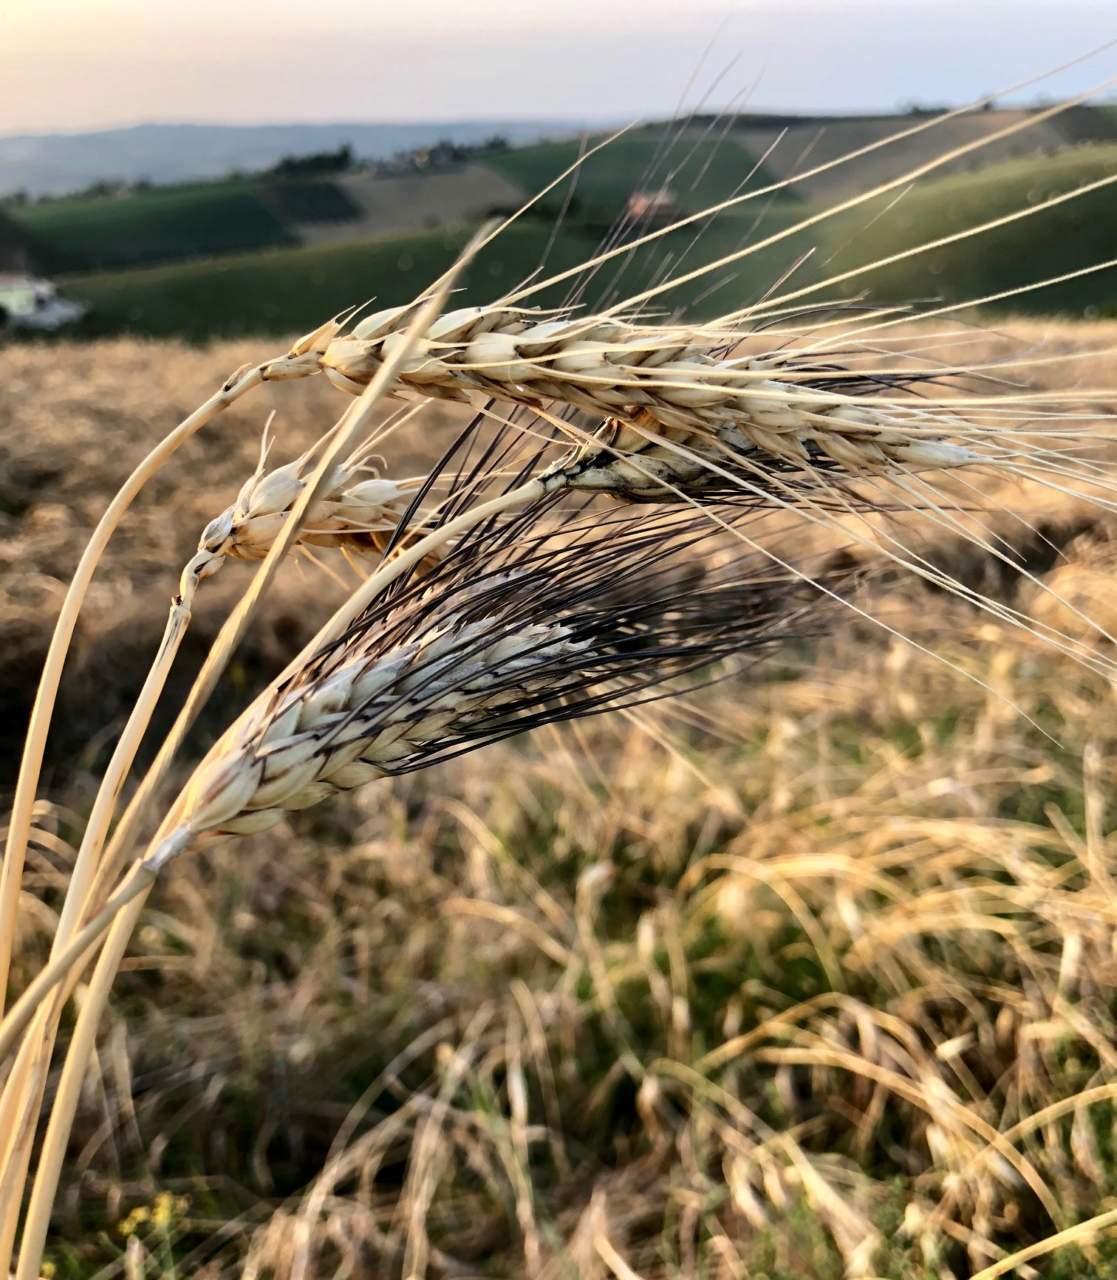 Spighe e campo di grano duro di antiche varietà